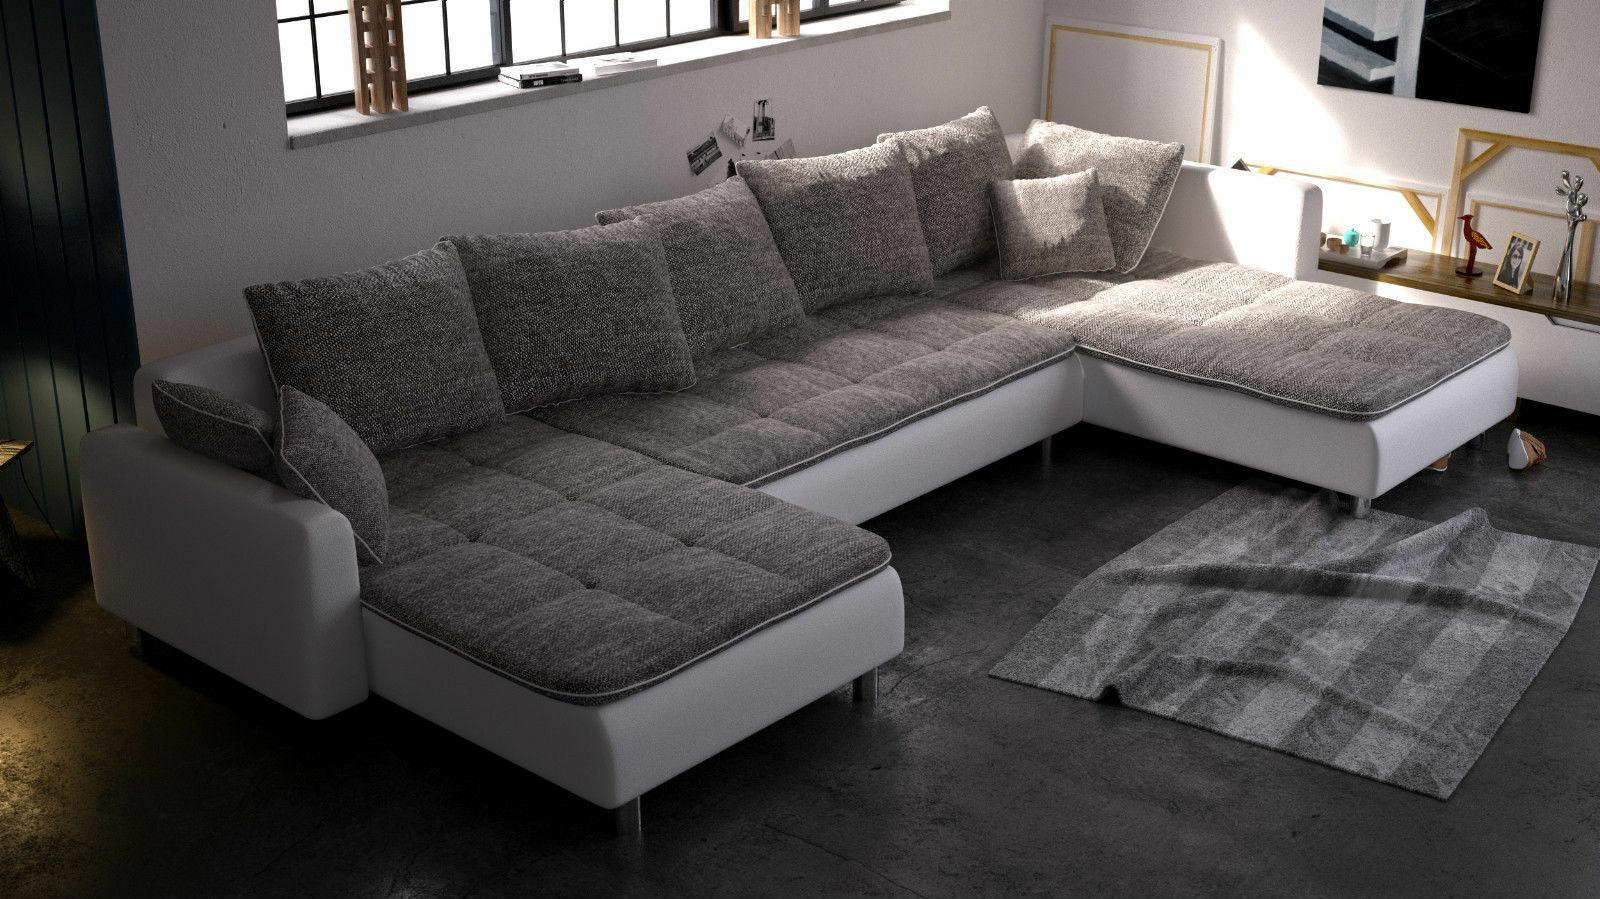 Eitelkeit Eckcouch Kaufen Beste Wahl Couchgarnitur Couch Ecksofa Sofagarnitur Sofa Vulcano Wohnlandschaft